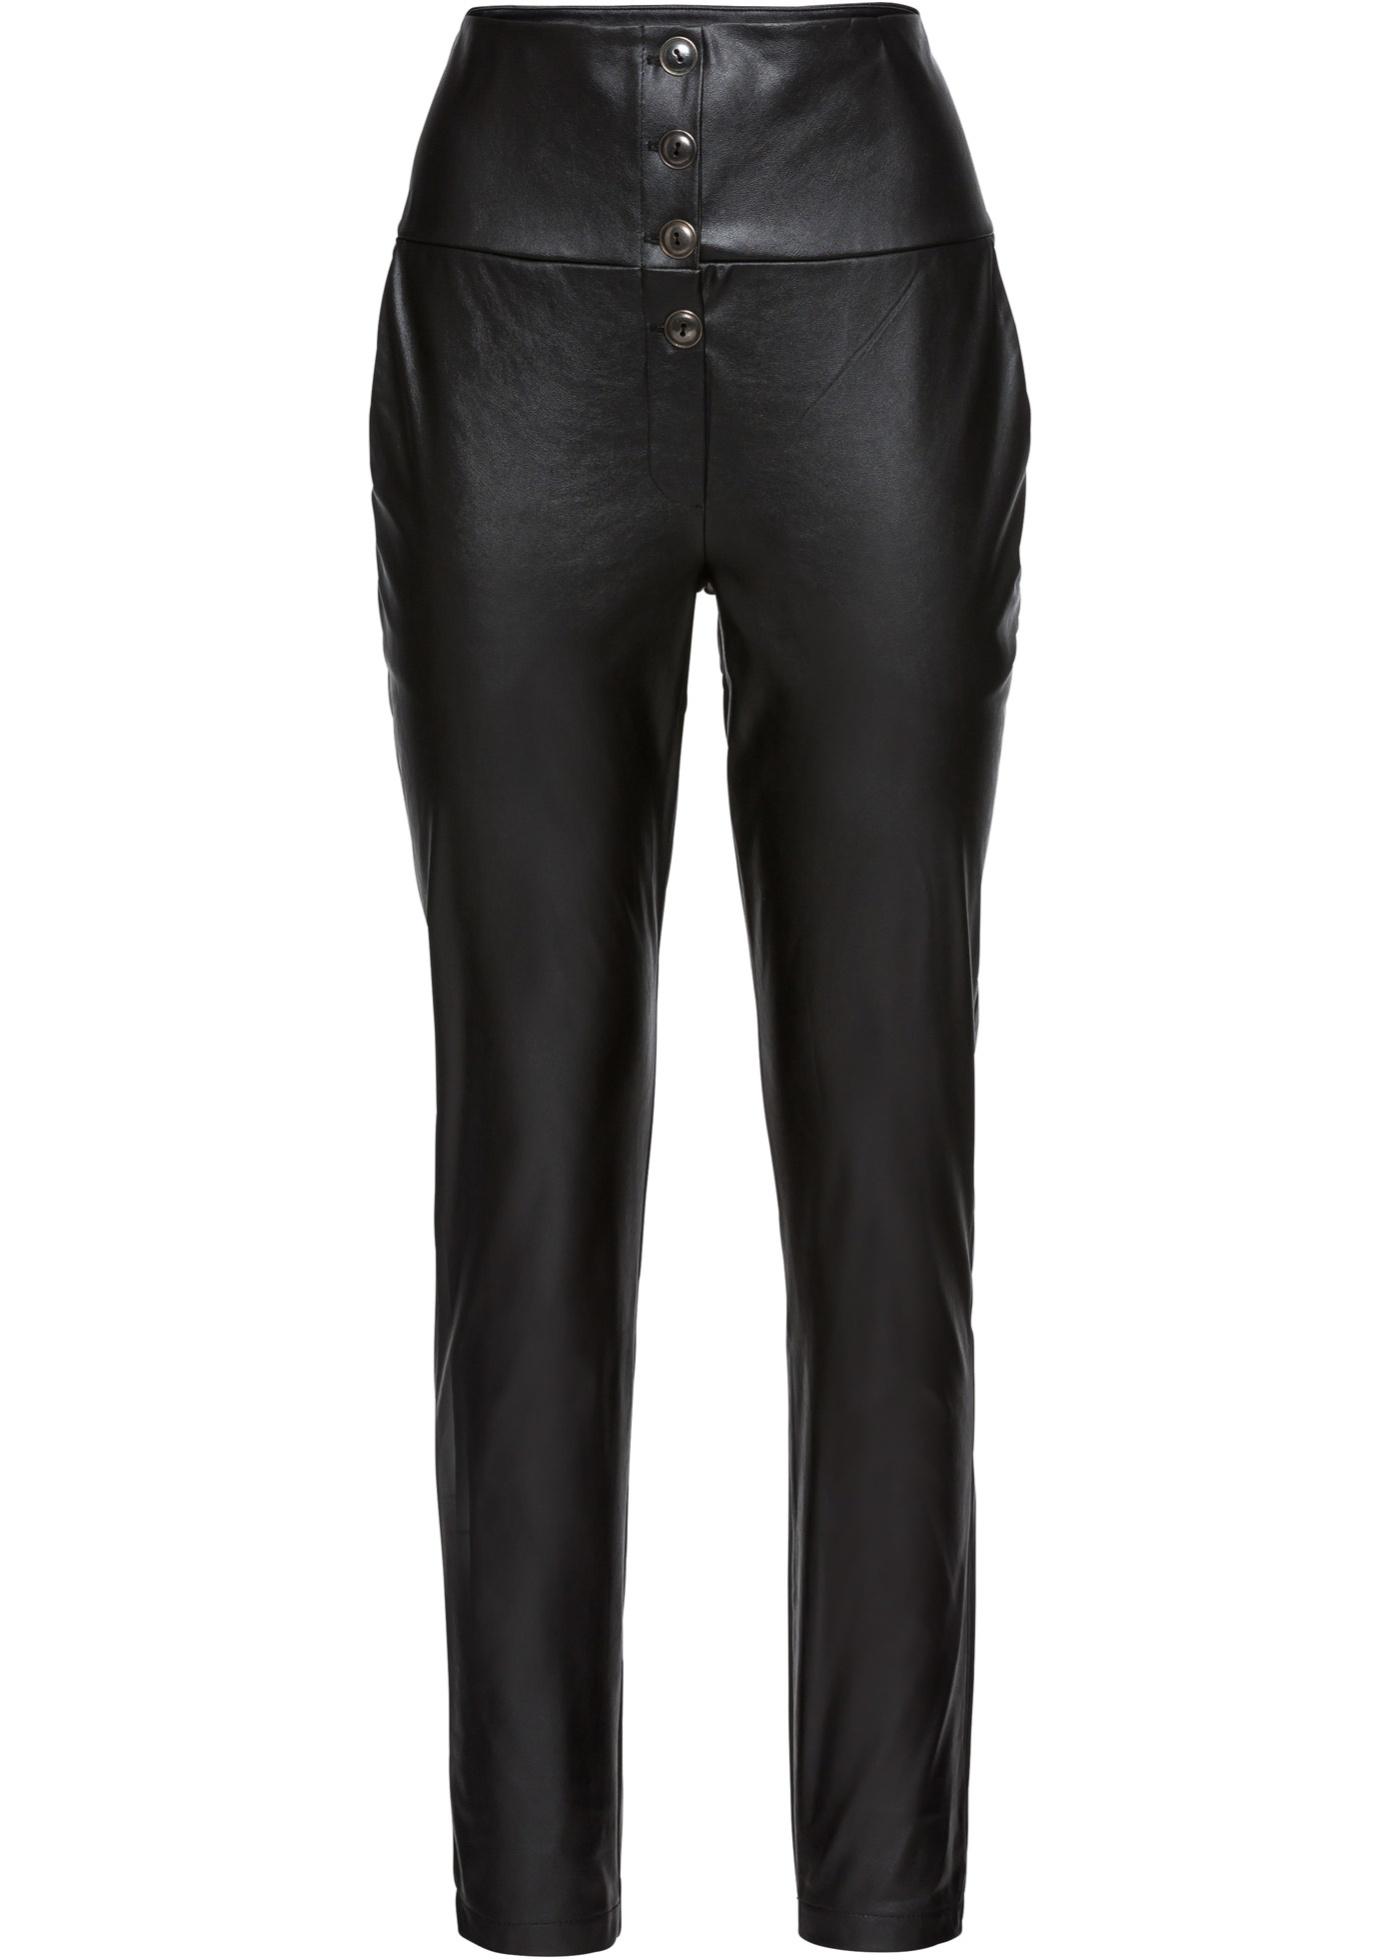 Rainbow Taille Noir Pour Synthétique Imitation BonprixPantalon En Cuir Femme Haute srxhtQdC